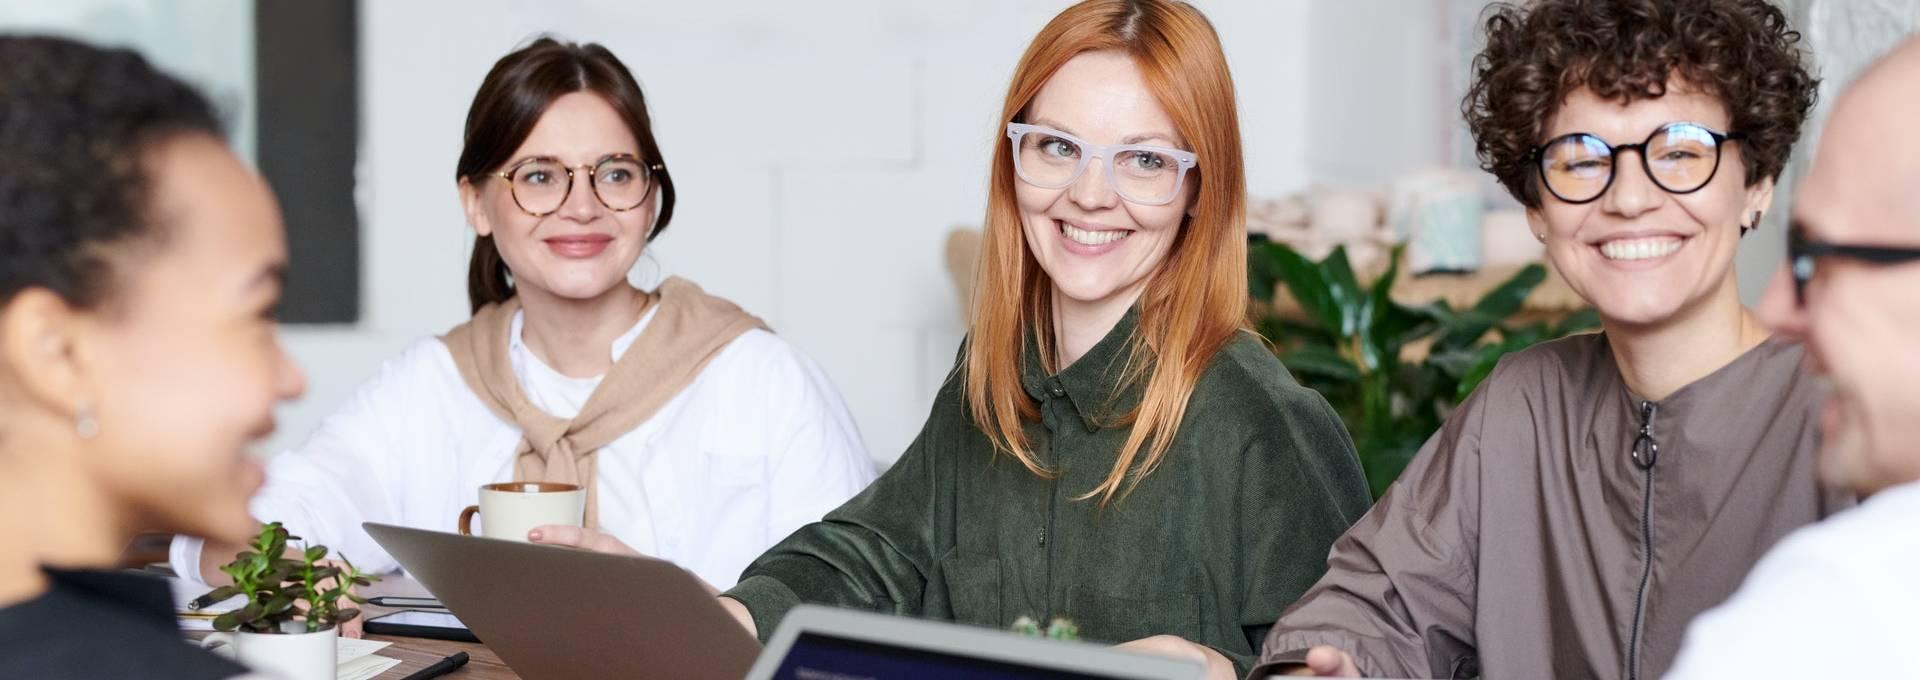 Teamwork ist wichtig während der Einführung von neuen digitalen Prozessen.